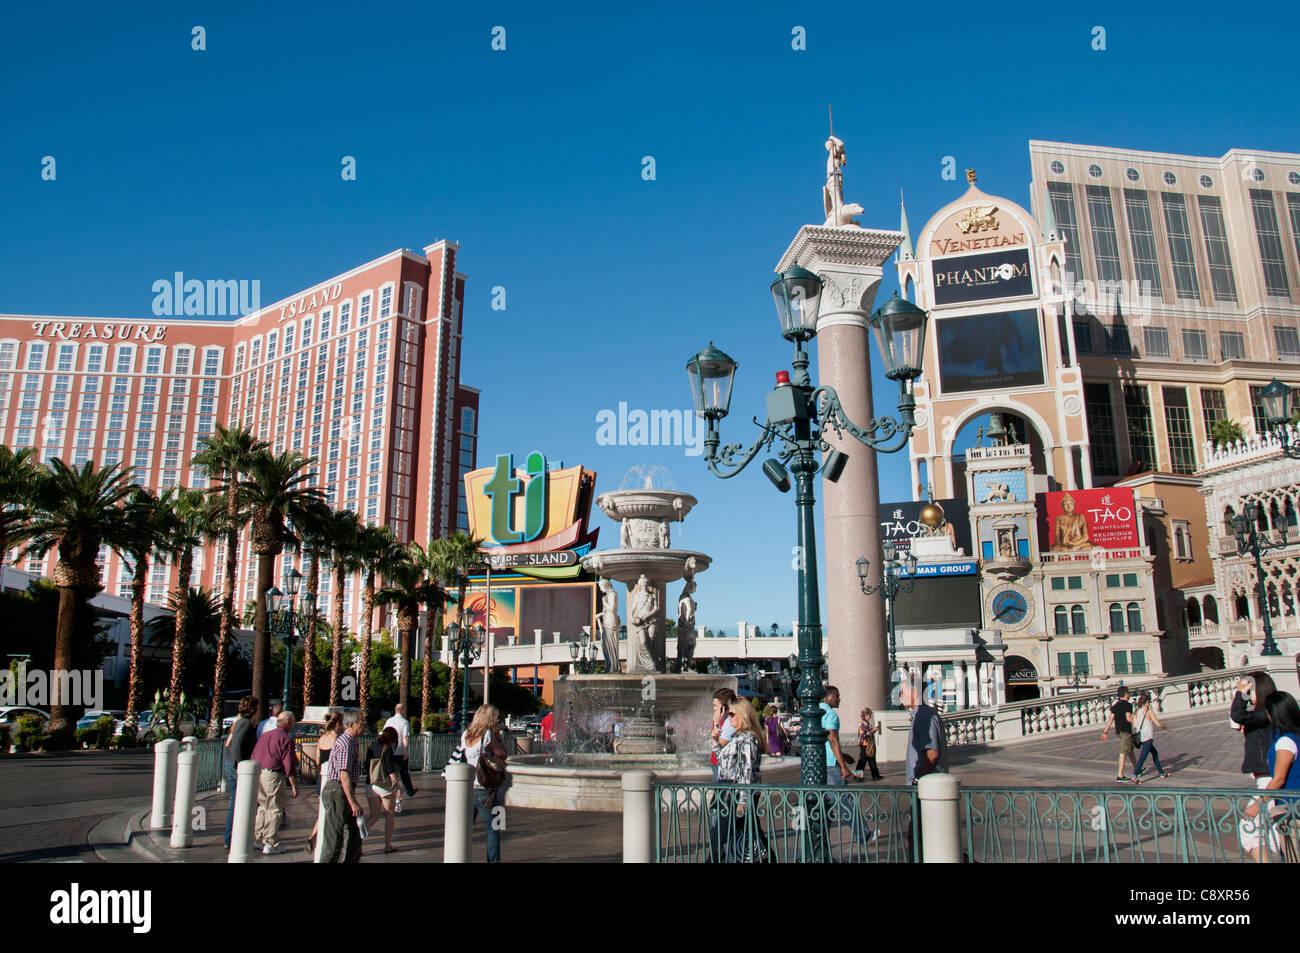 Las Vegas Lifestyle Stock Photos & Las Vegas Lifestyle Stock Images ...